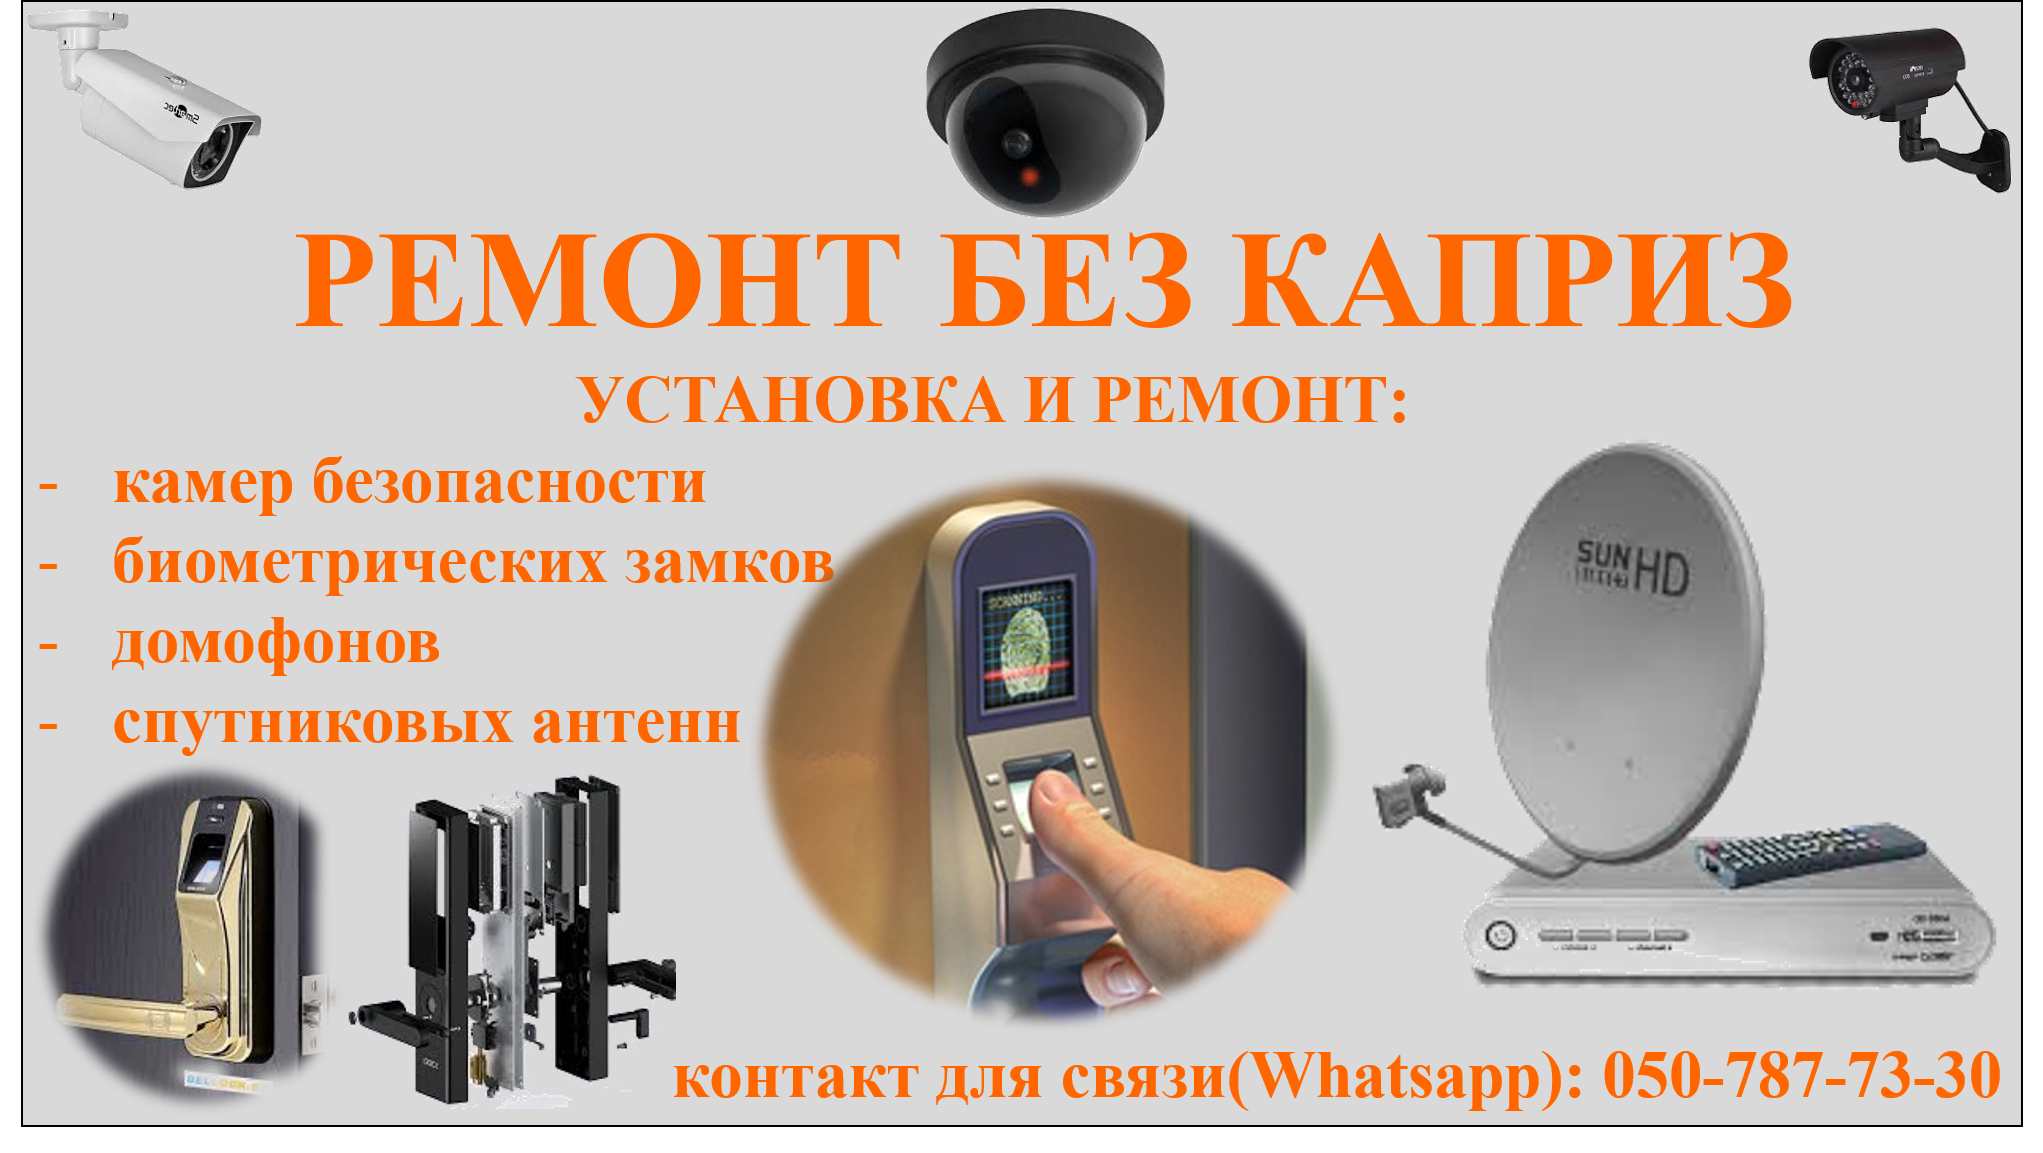 QURAŞDIRMA VƏ TƏMİR İŞLƏRİ təhlükəsizlik kameraları